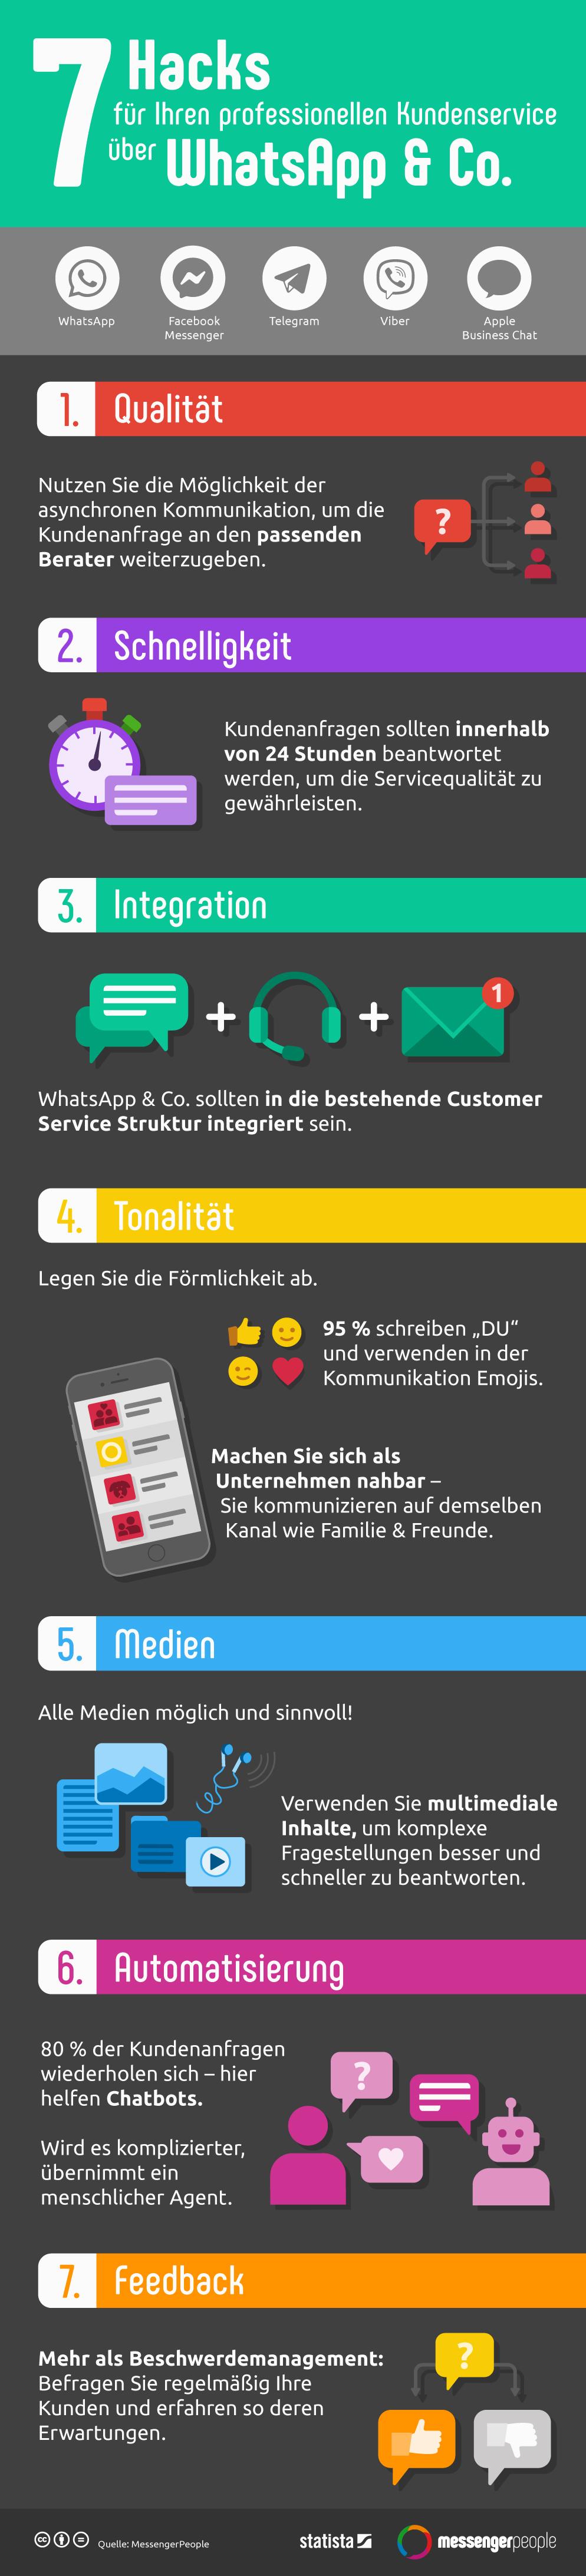 Infografik: 7 Hacks für Kundenservice über WhatsApp & Co.  | Statista